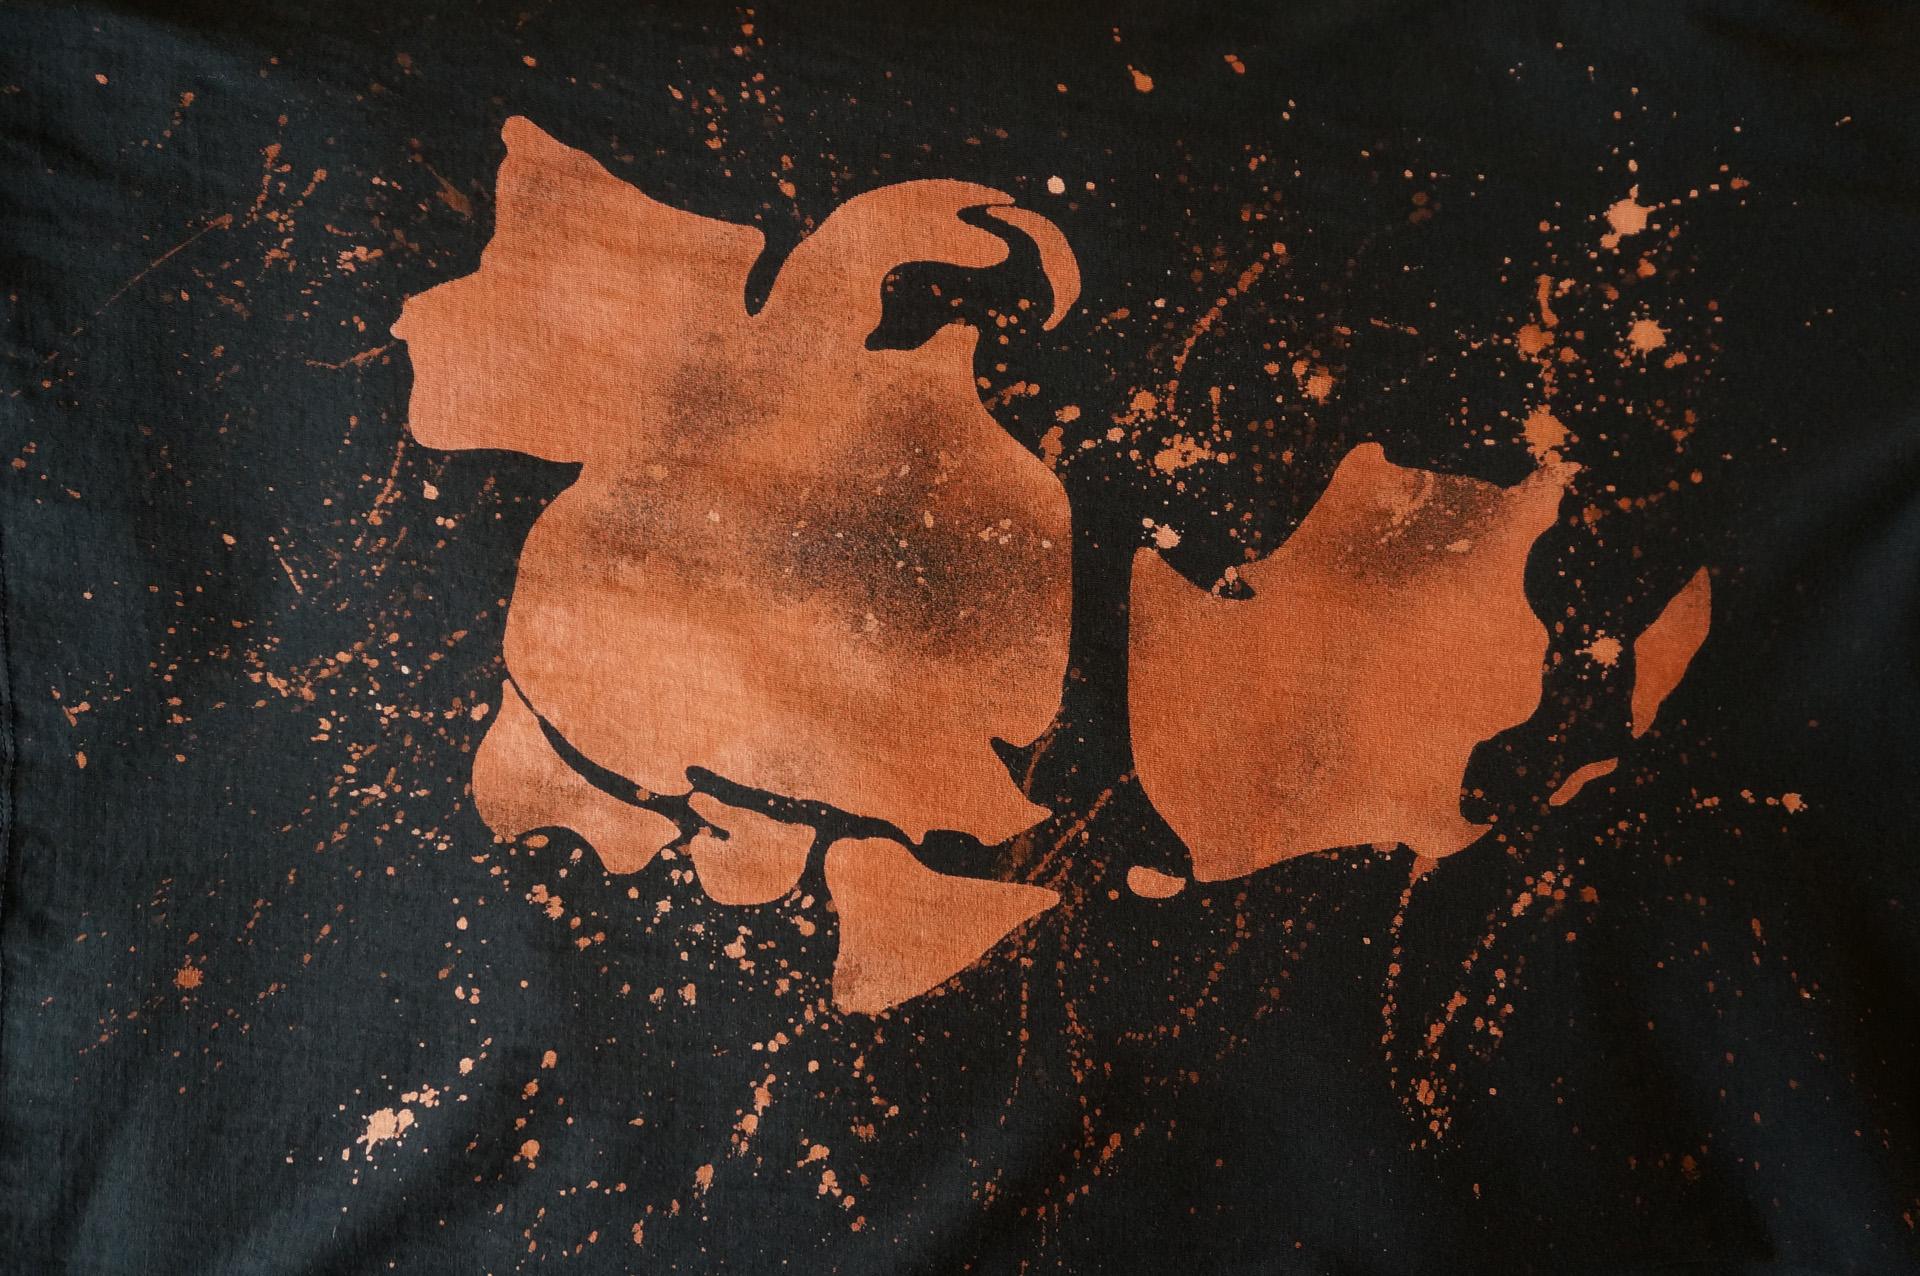 ニュートラル neutral ステンシル Tシャツ stencil ロード road 名古屋